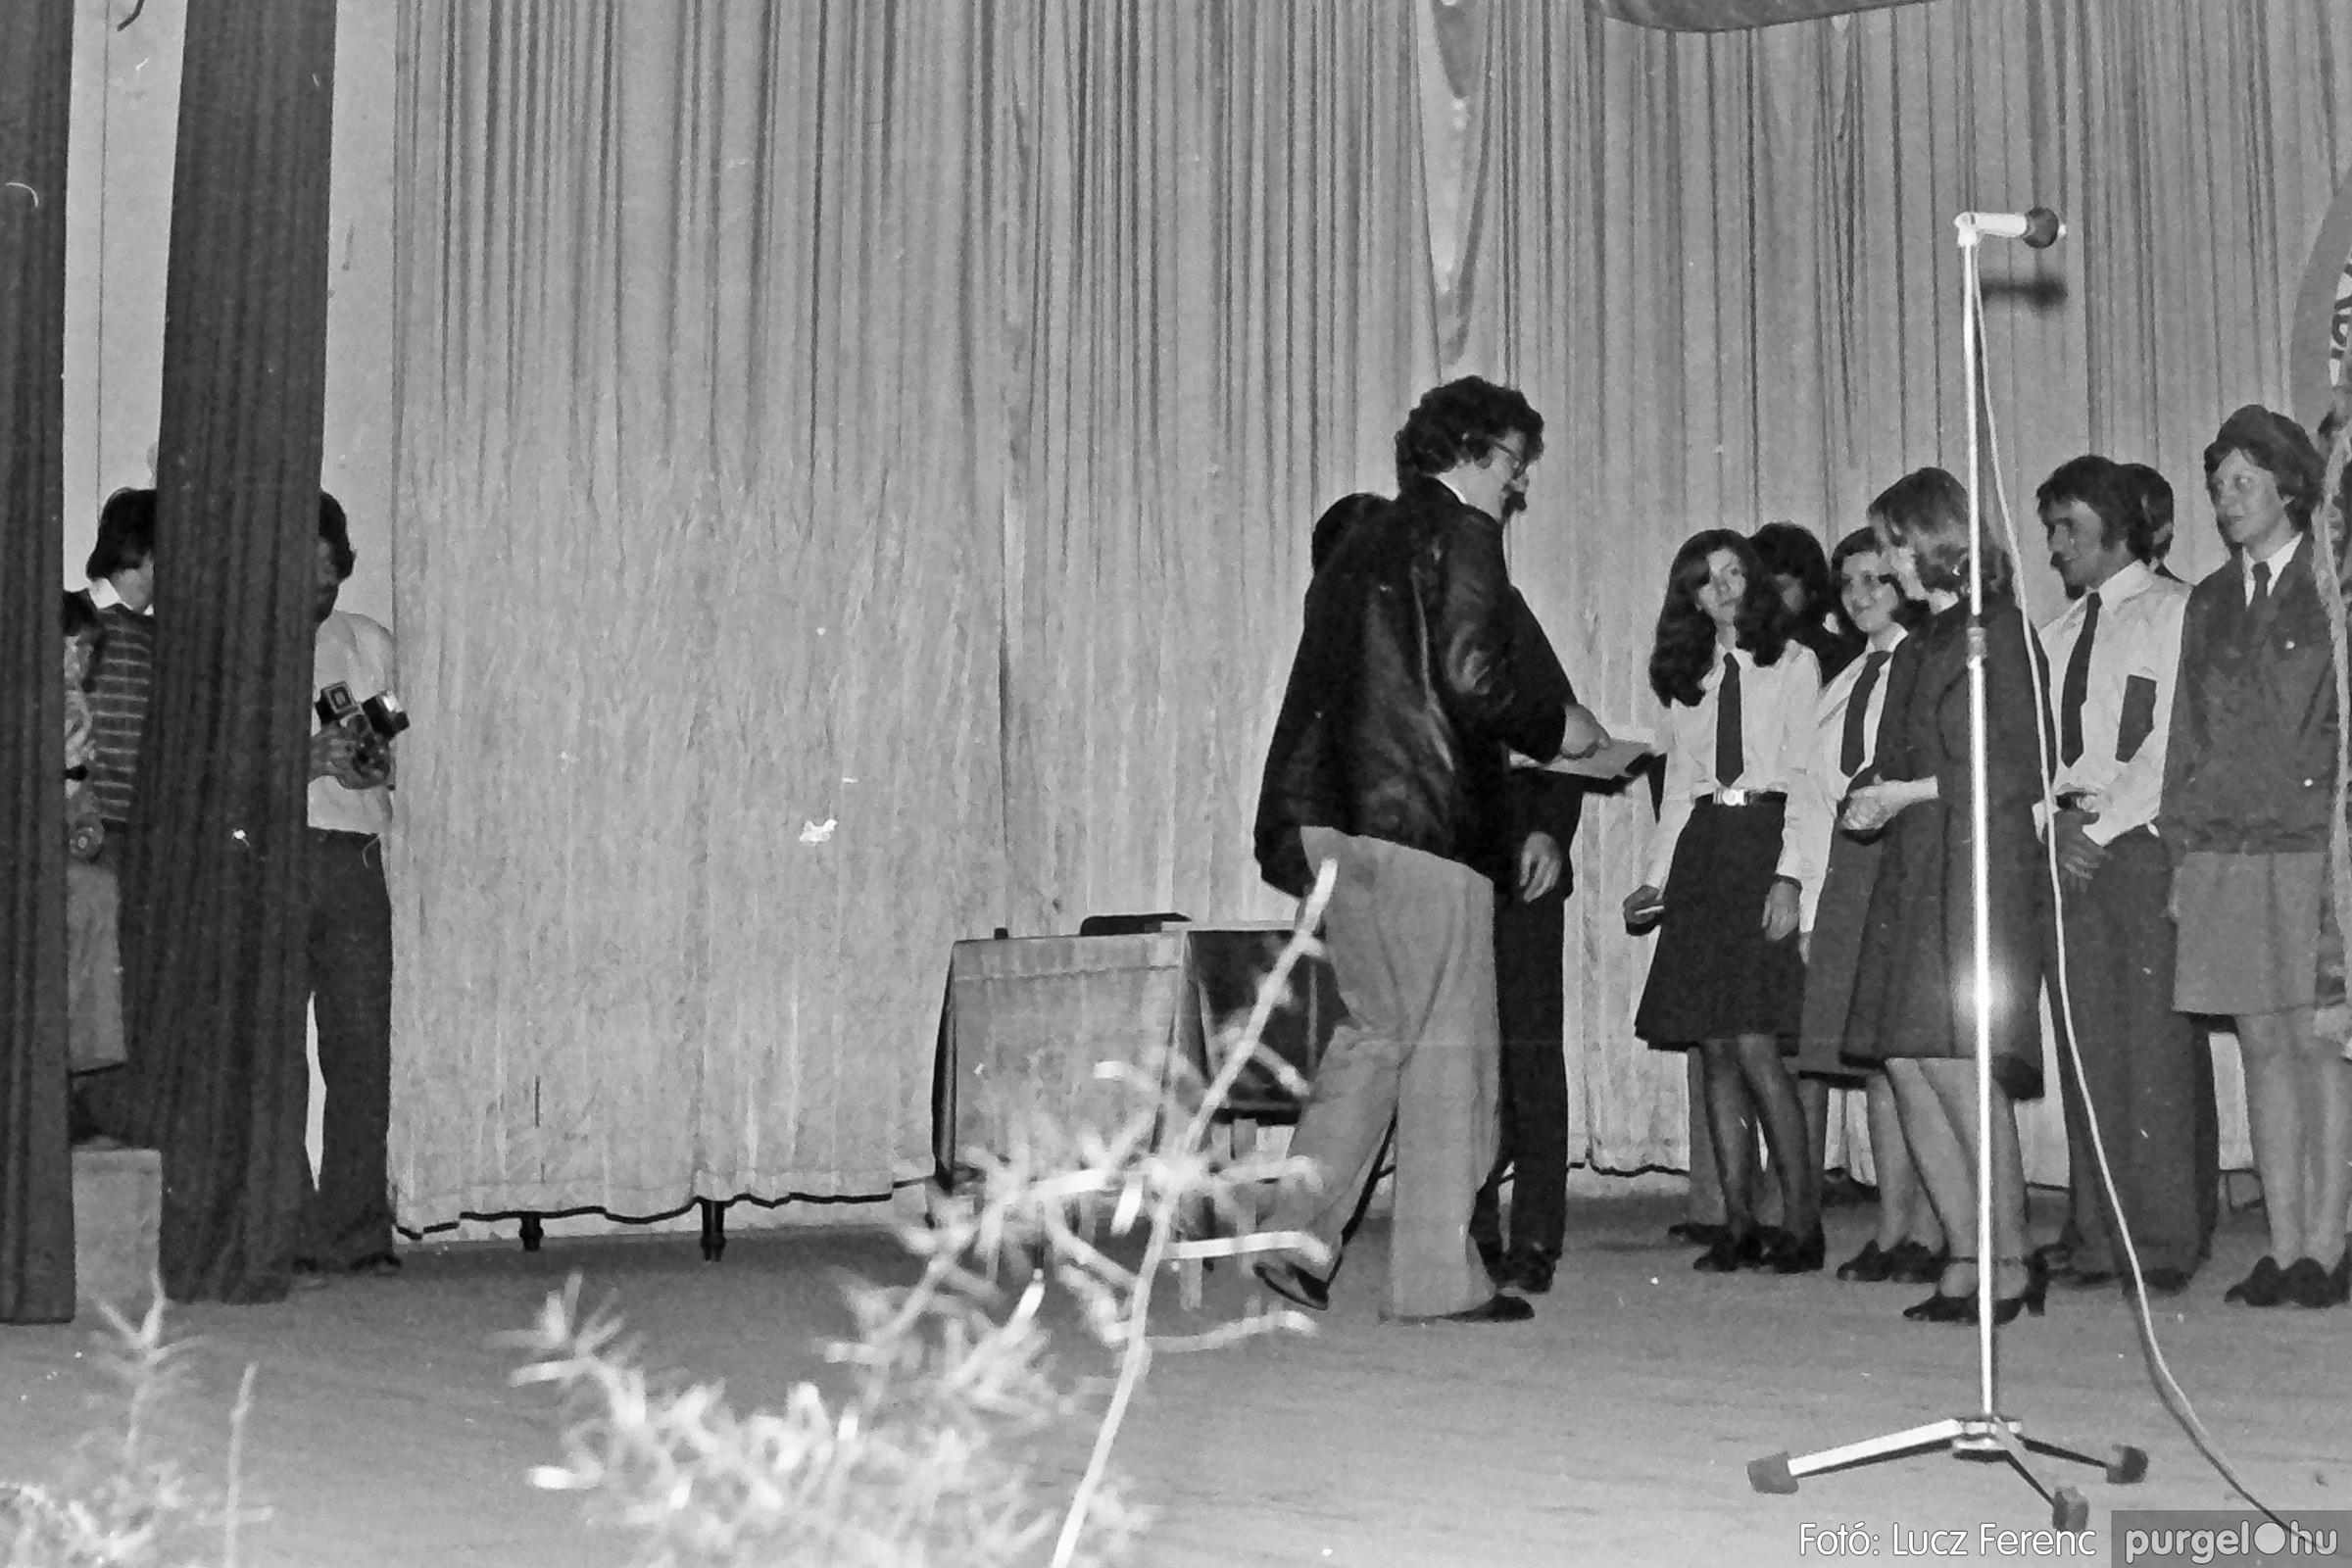 078. 1977.04.04. Április 4-i ünnepség 031. - Fotó: Lucz Ferenc.jpg